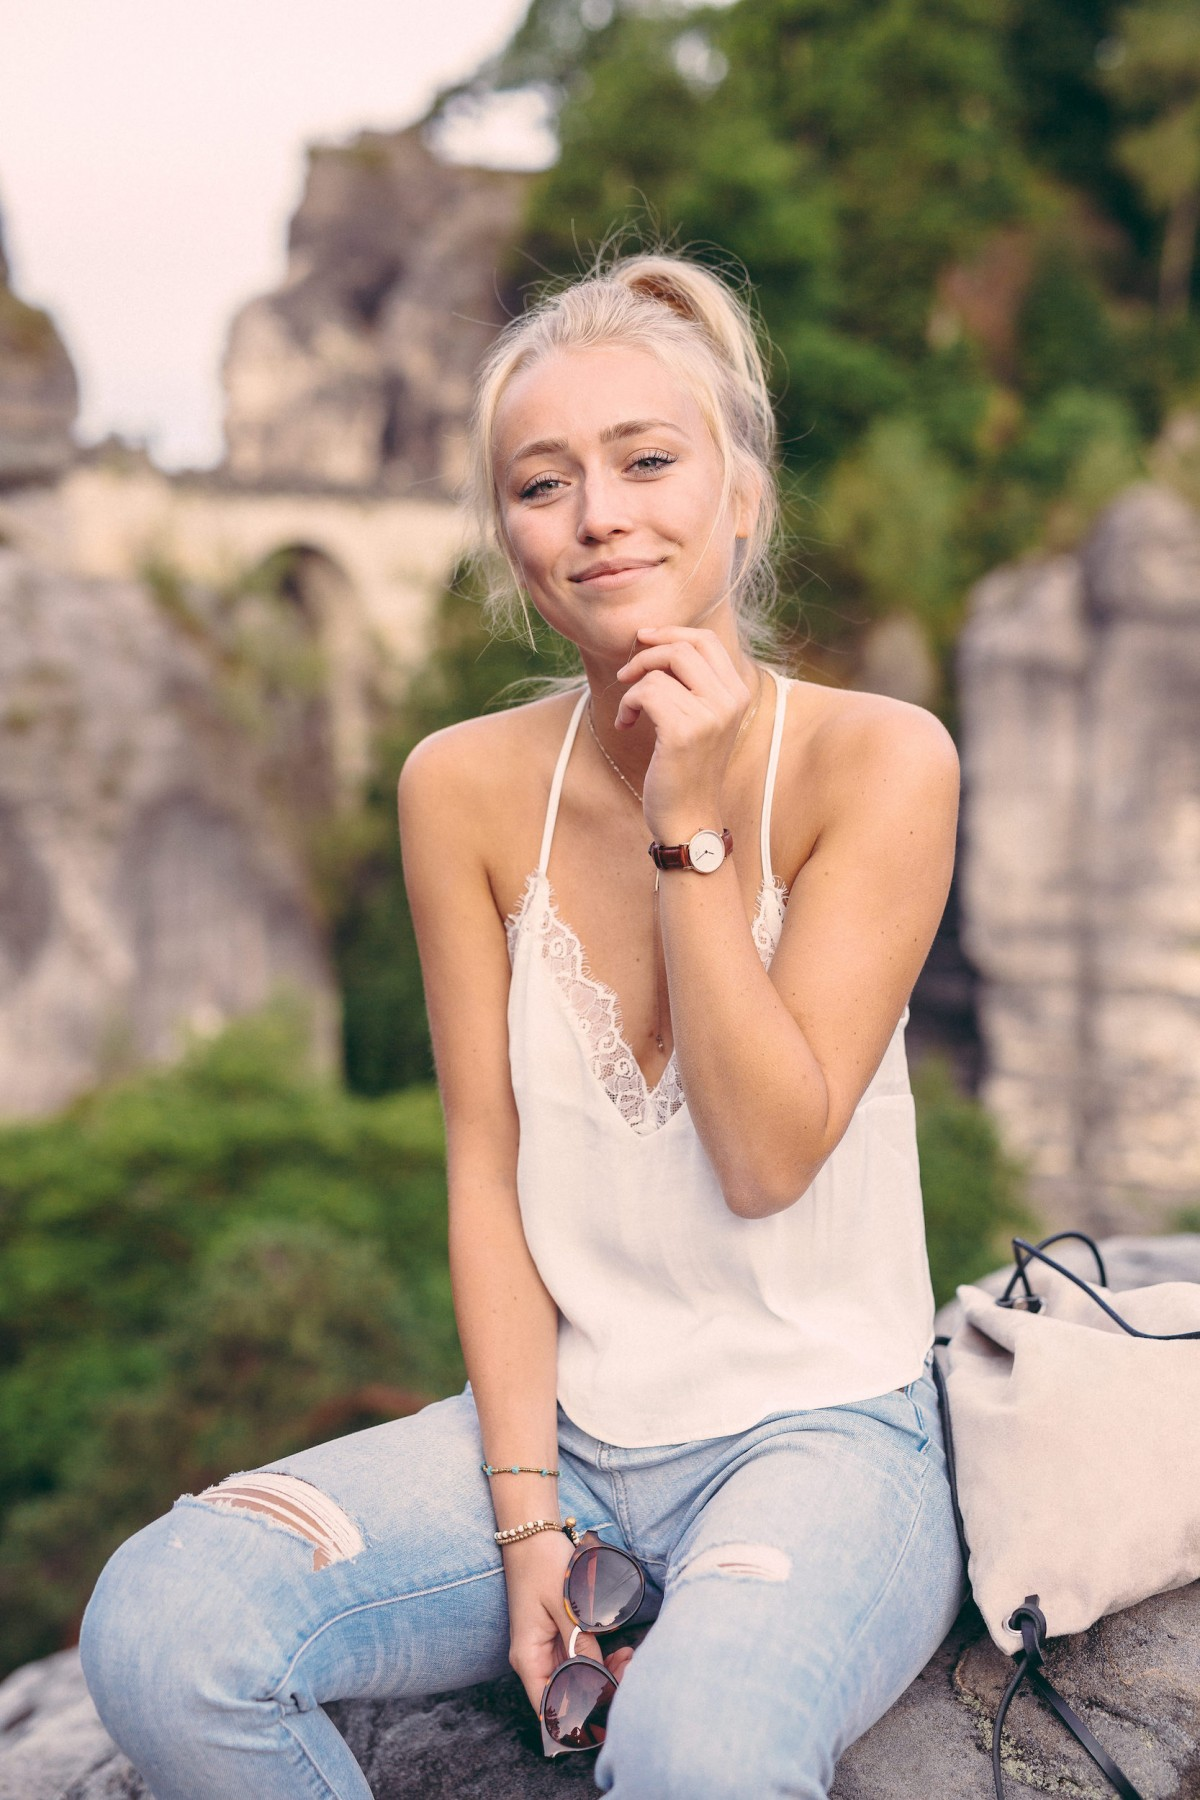 Luise Morgeneyer - Kleinstadtcarrie | Photo: Ben Gierig www.ben-gierig.de